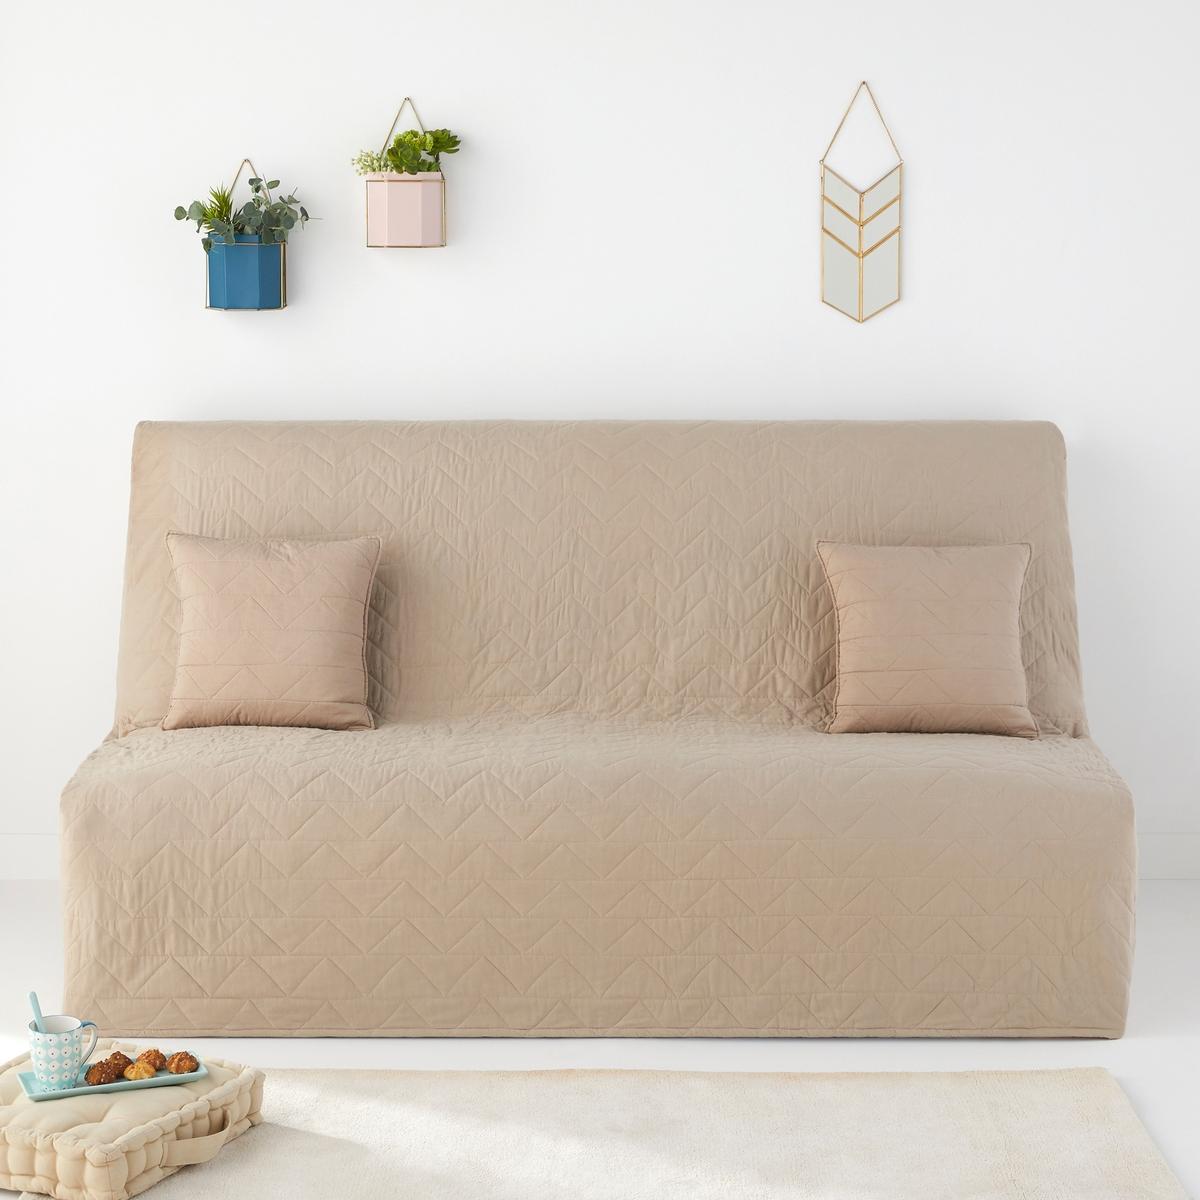 Чехол La Redoute Стеганый для раскладного дивана ZIGZAG SCENARIO единый размер бежевый настенная акустика elac ws 1665 white 1 шт